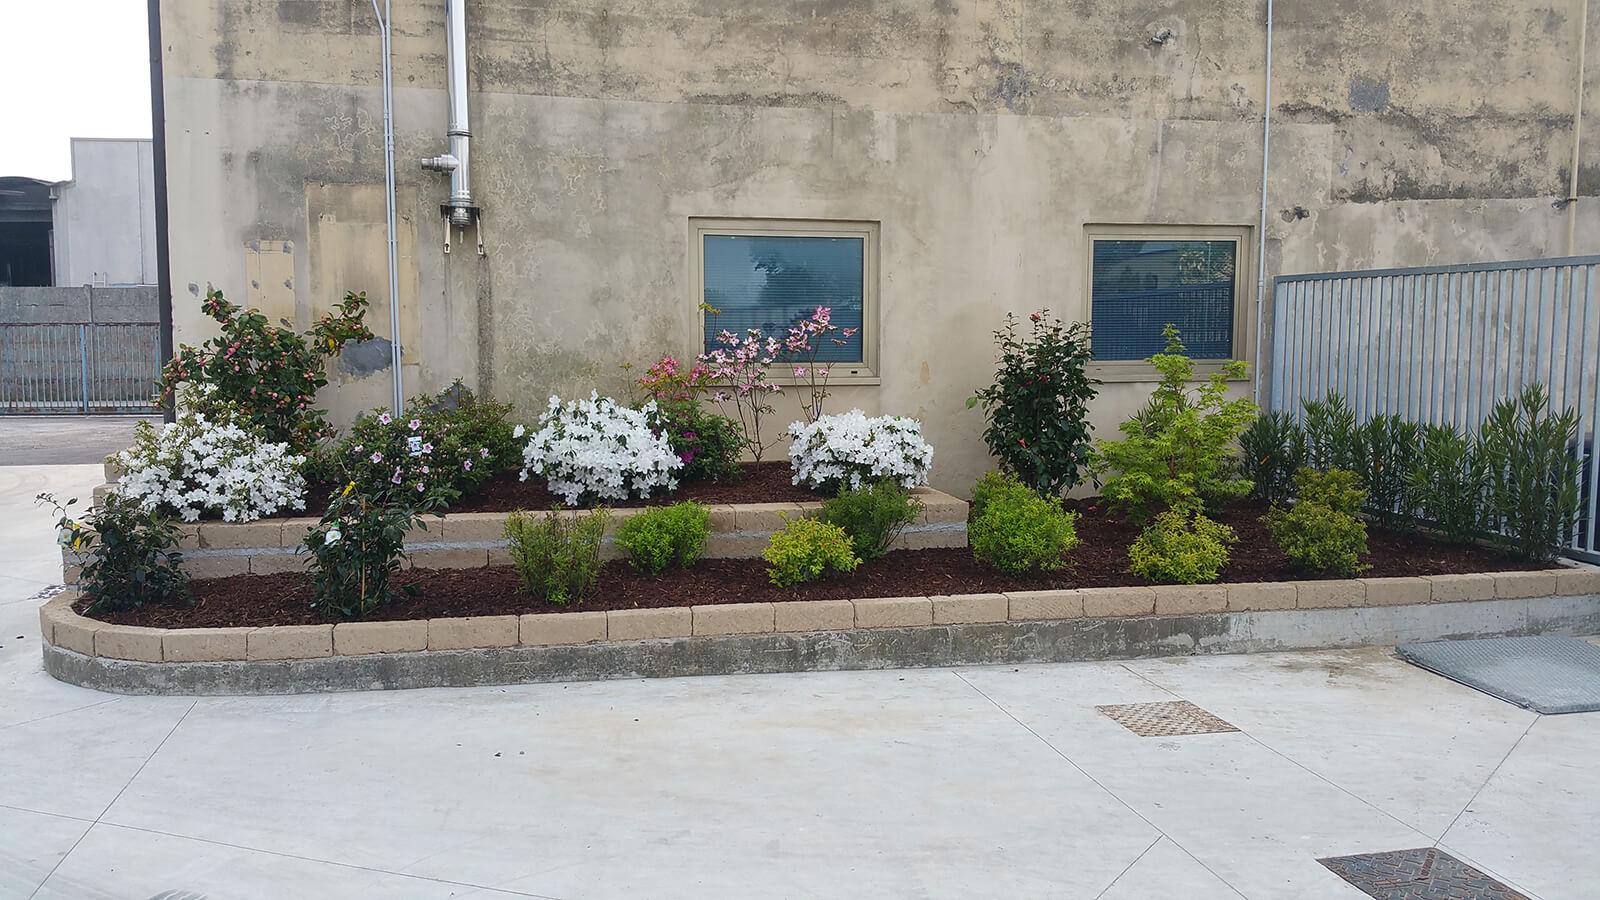 manutenzione ordinaria e straordinaria verde blu giardini 4